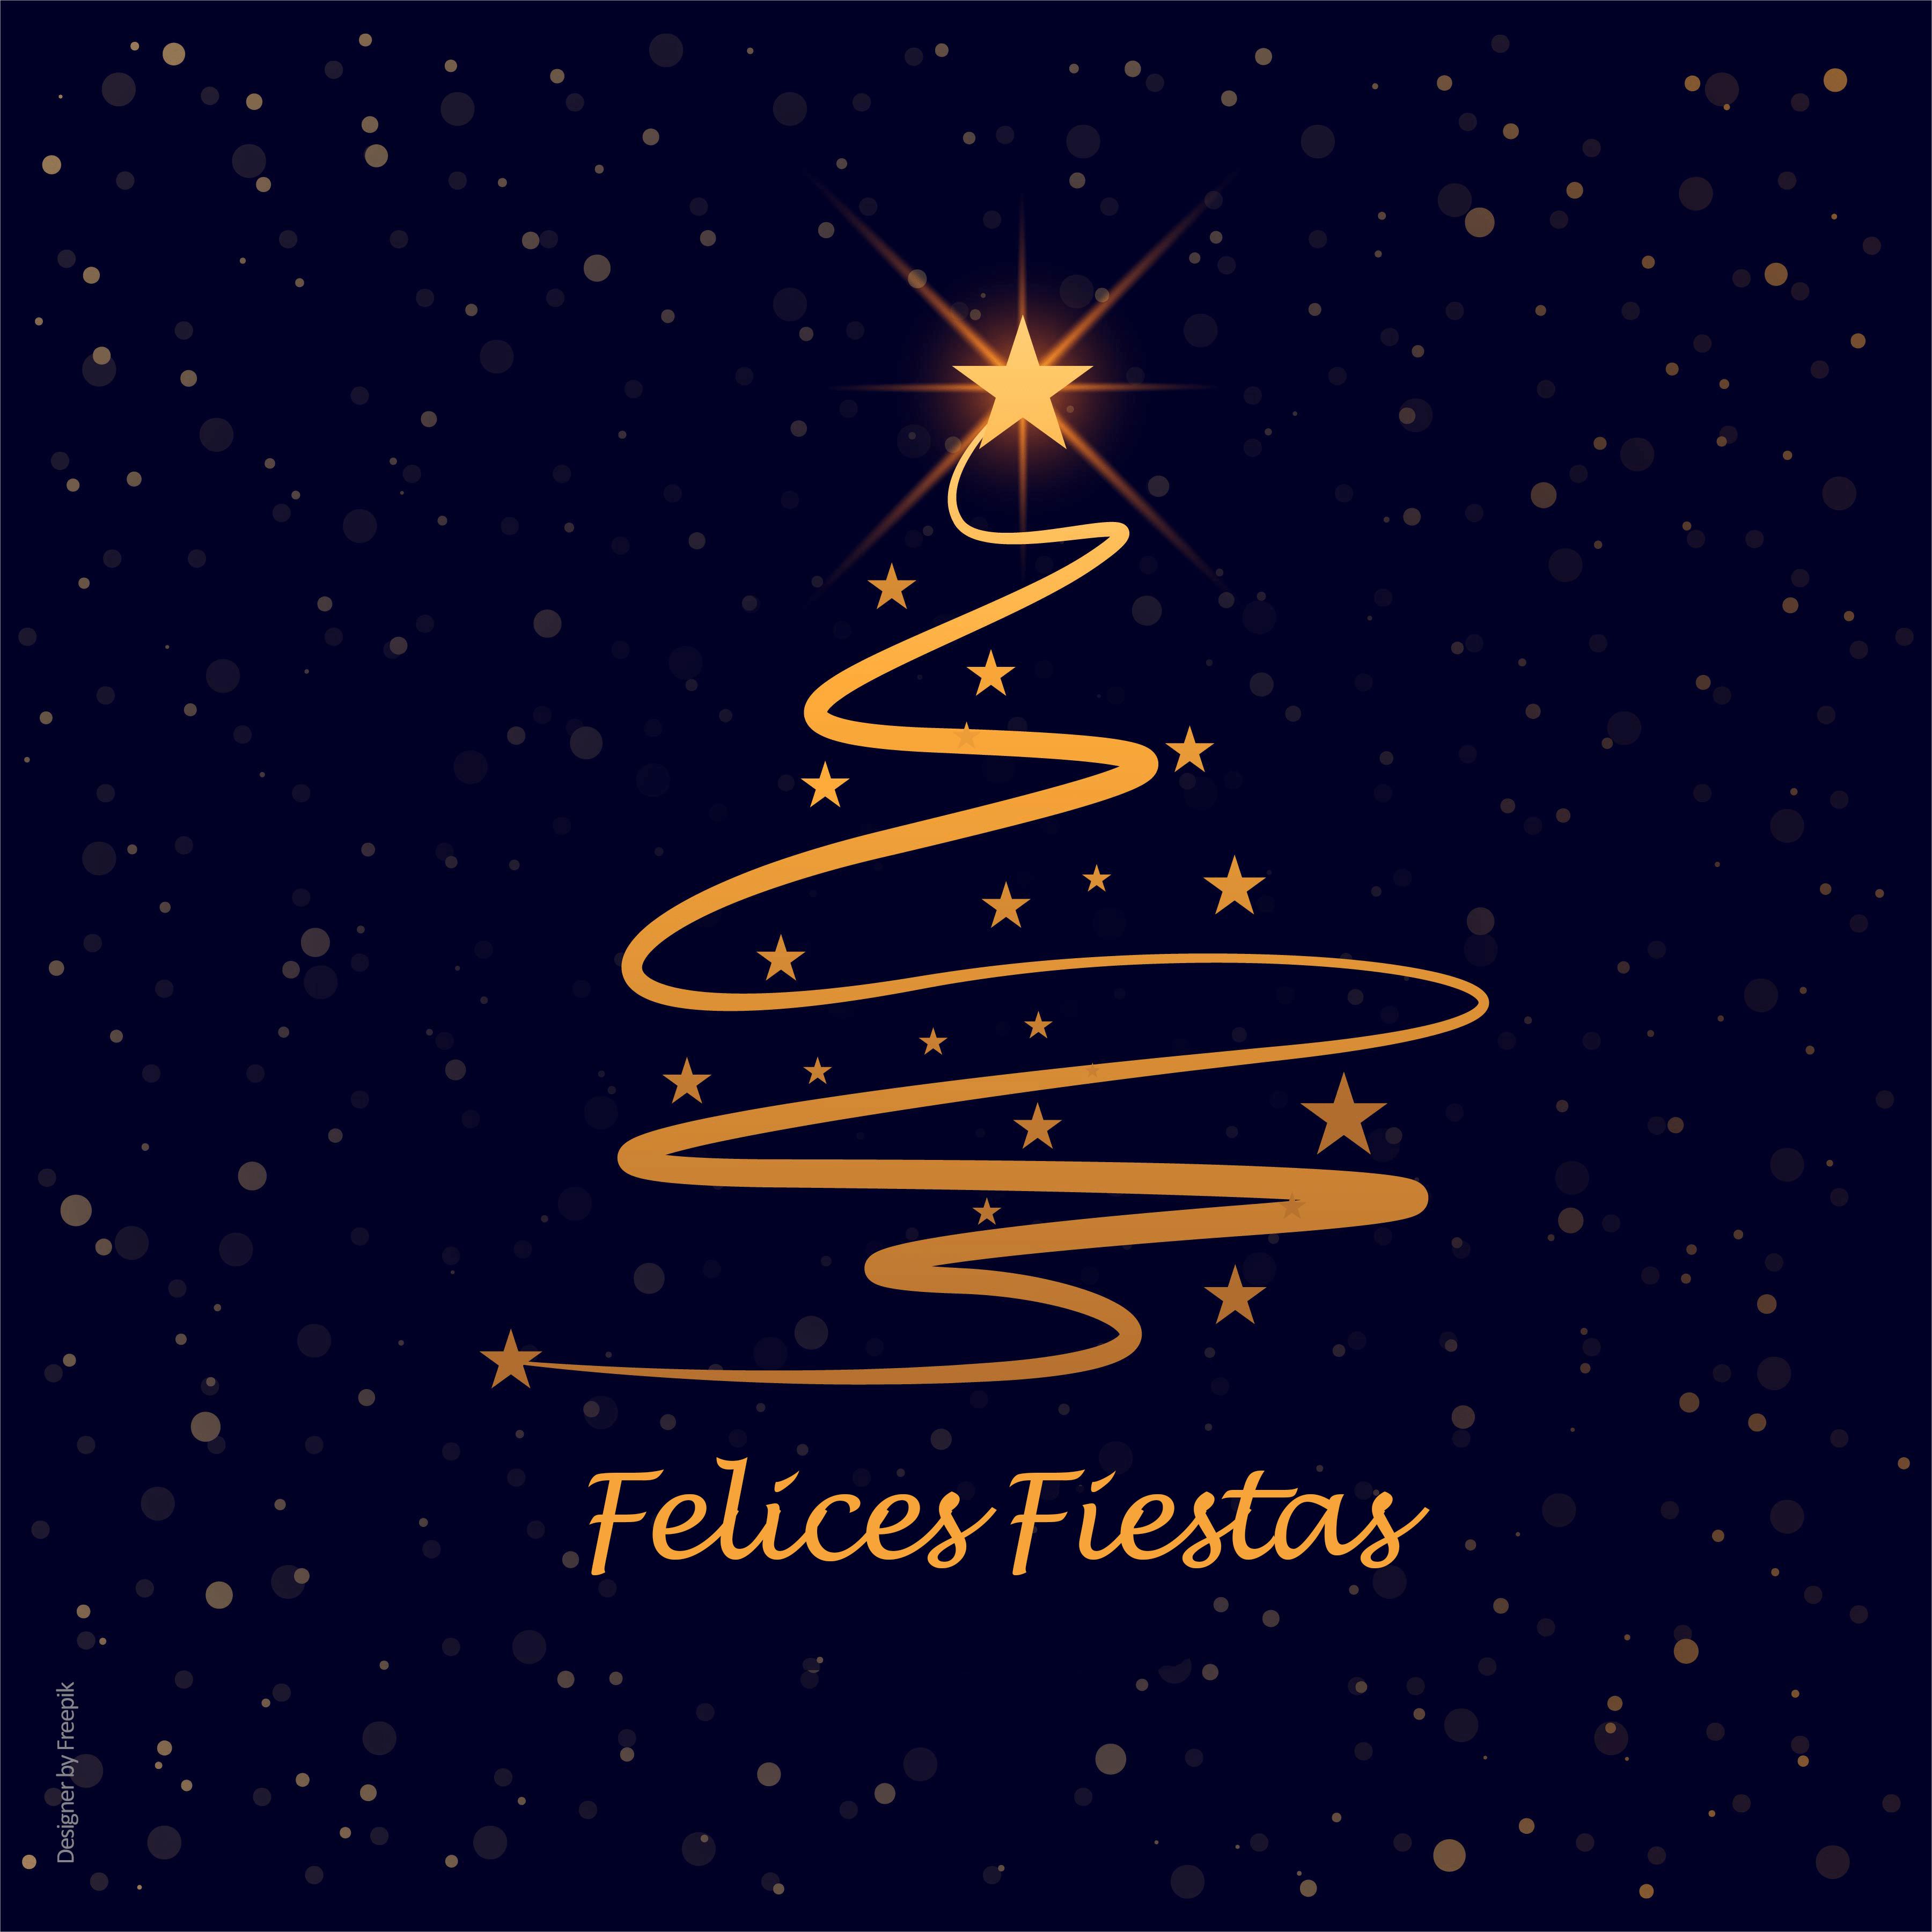 Traducciones Juradas Tenerife les desea… ¡Felices Fiestas!